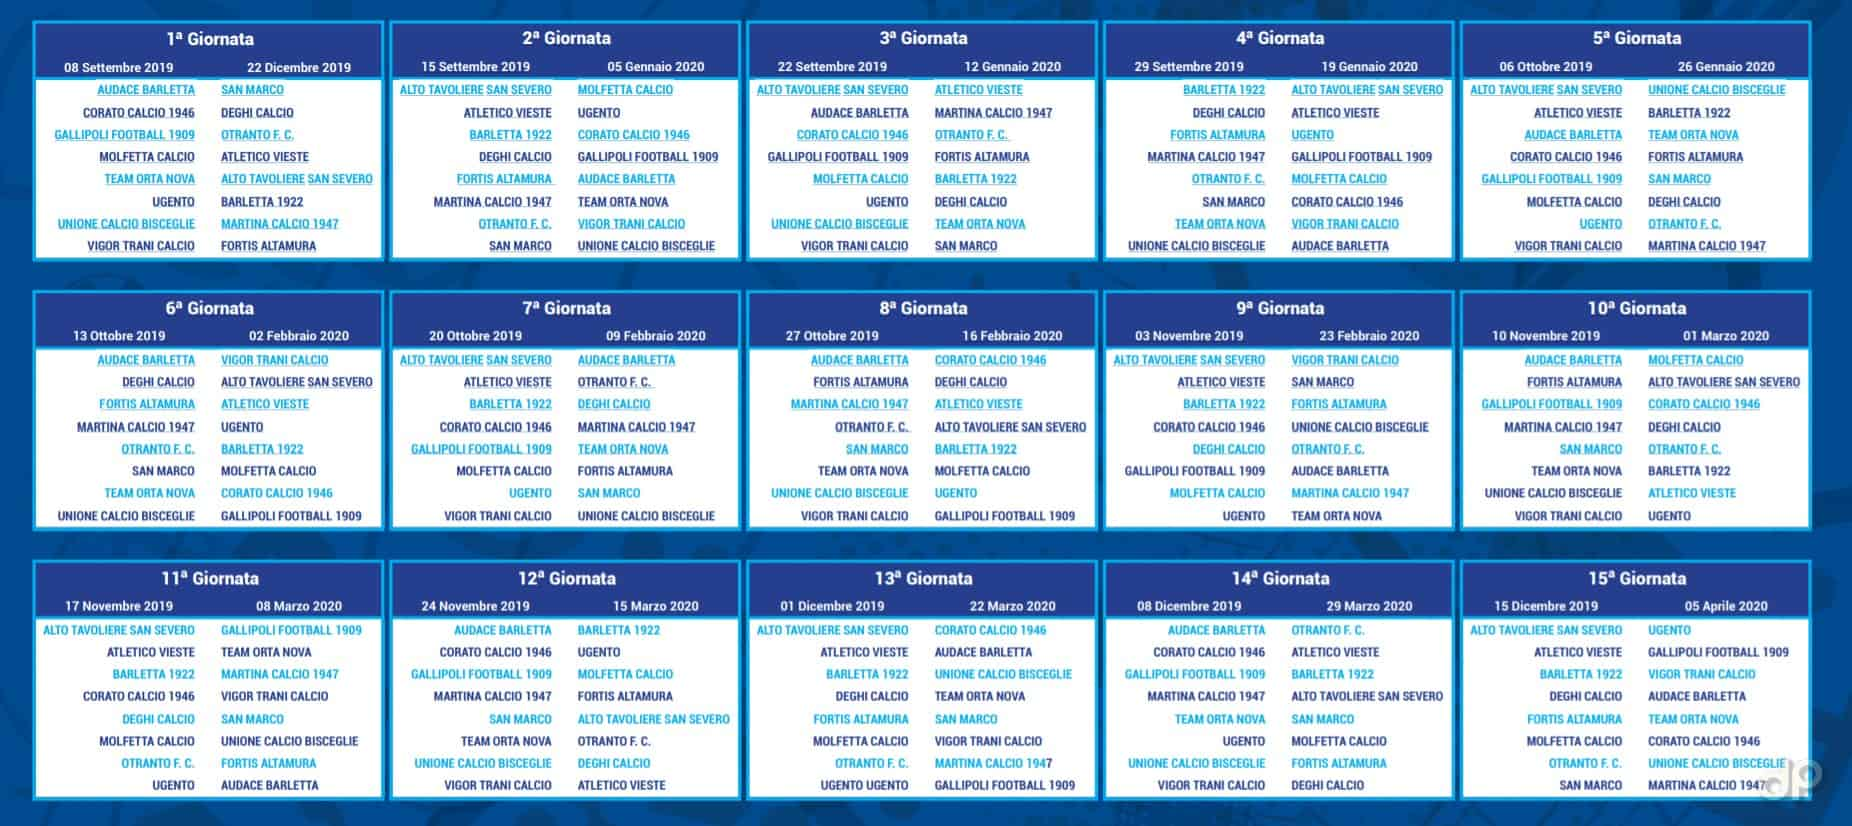 Calendario Eccellenza.Calendario Eccellenza Pugliese 2019 20